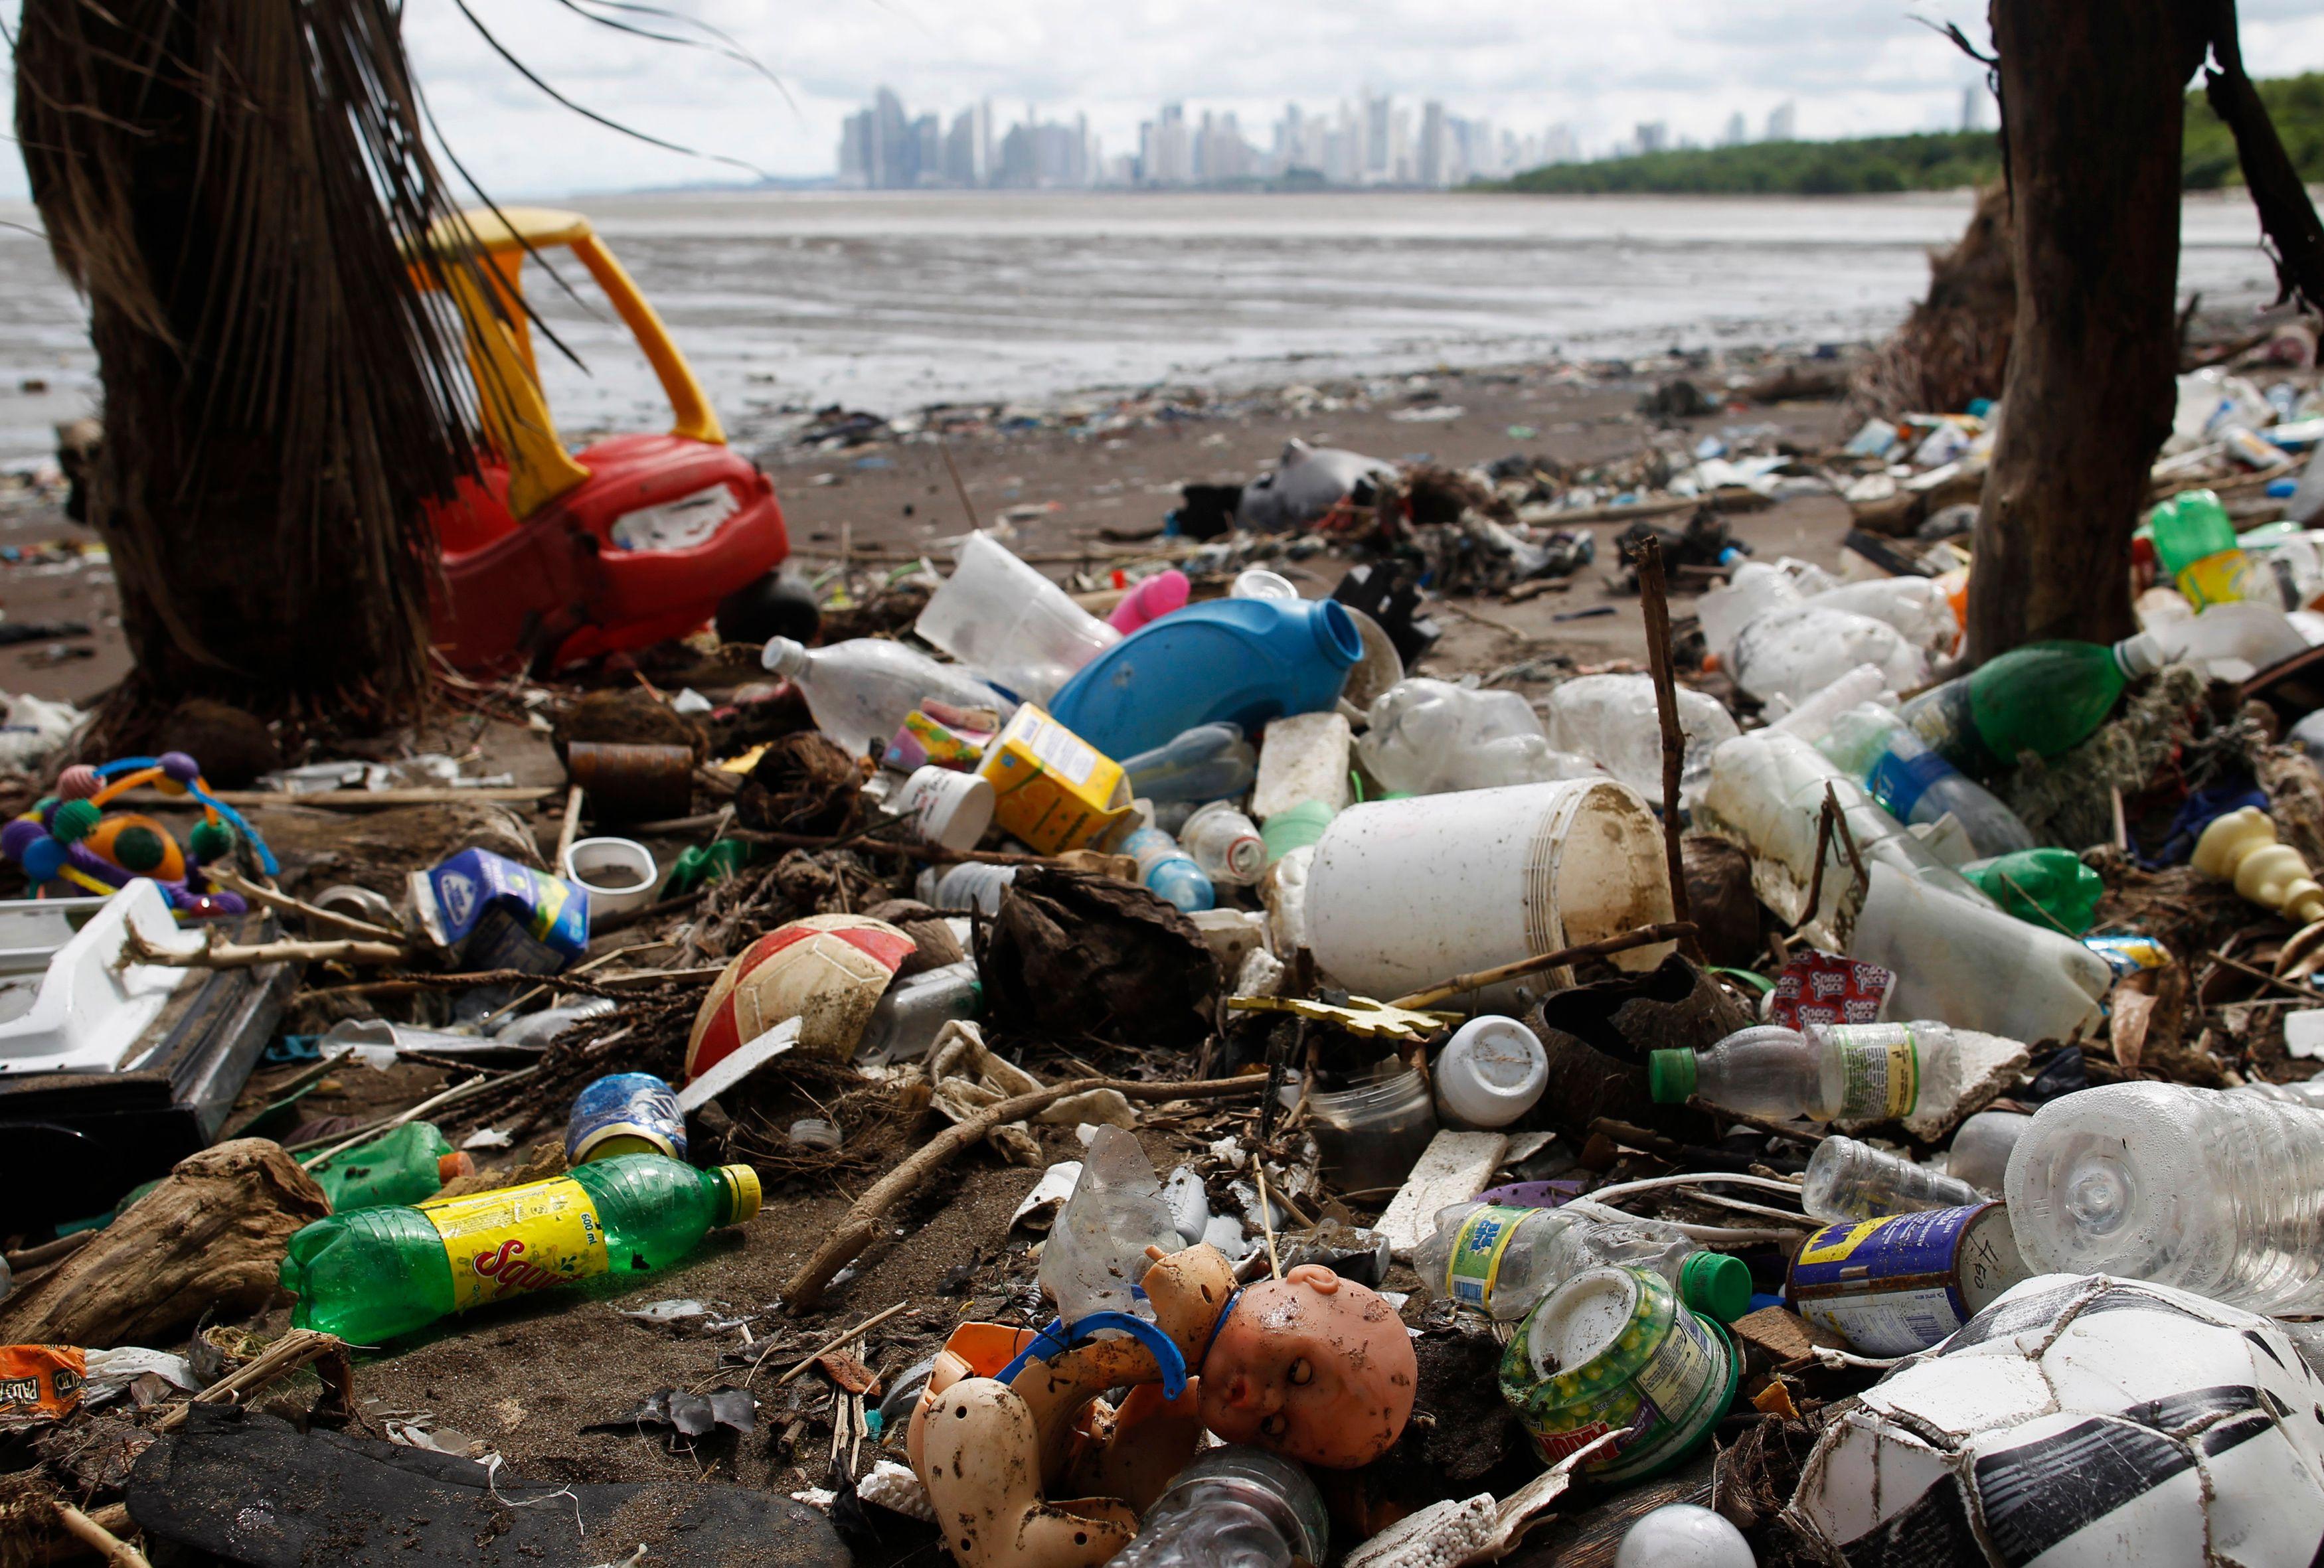 Des milliers de tonnes de plastique pourraient avoir été ingérées par les animaux marins.